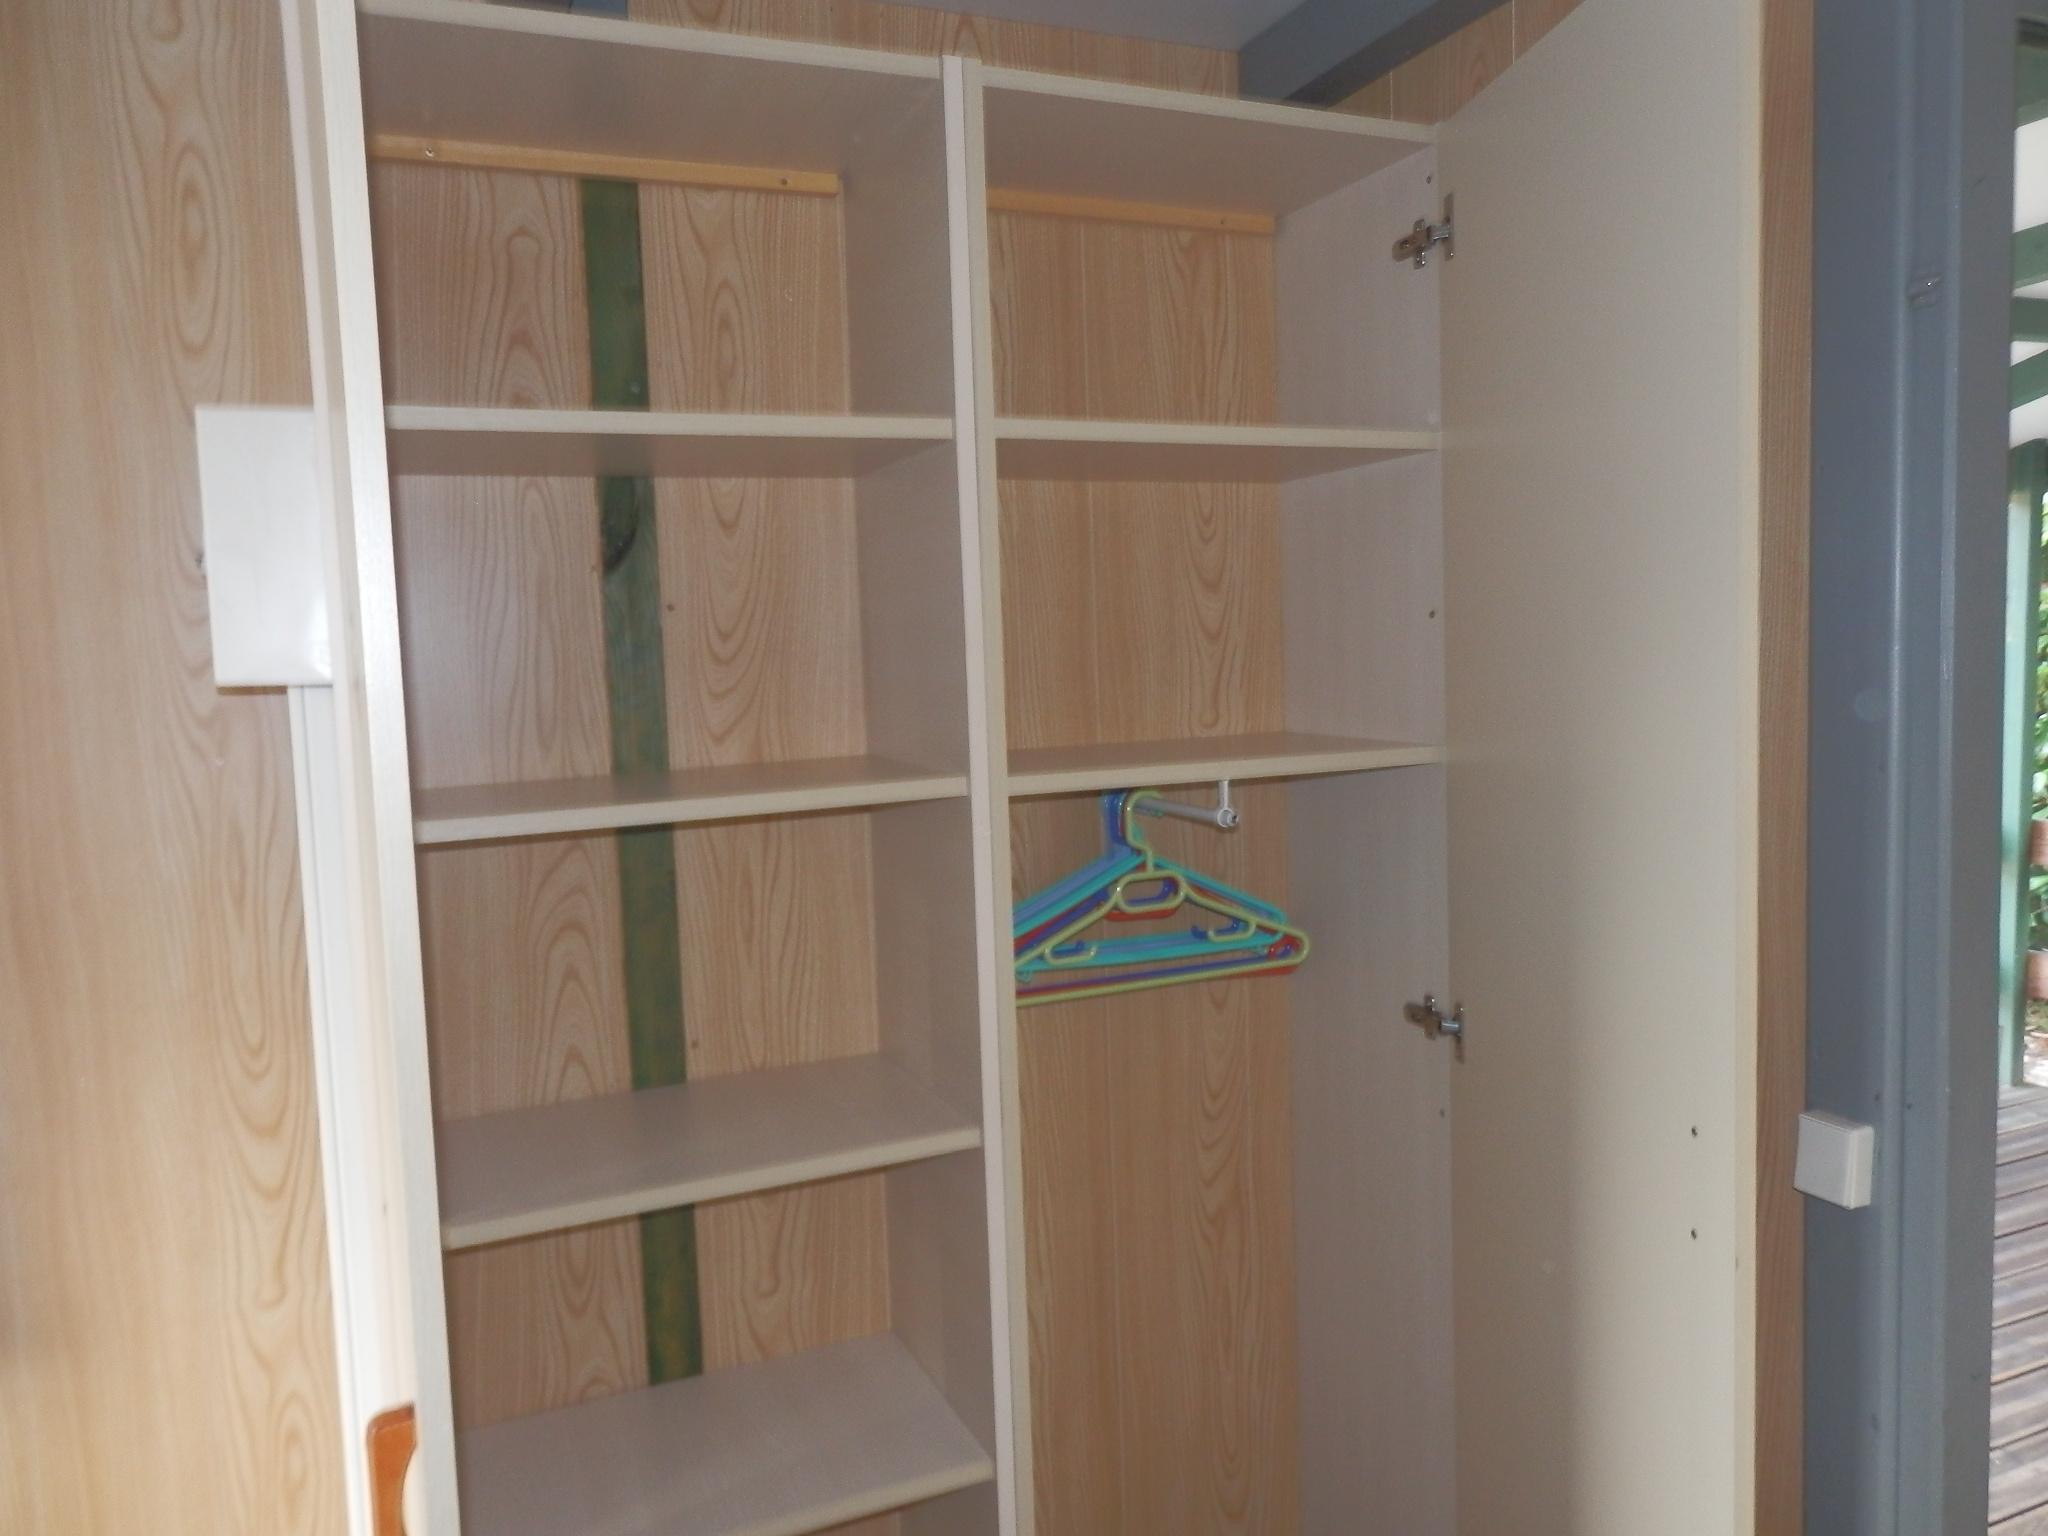 Casa prefabricada barata c diz mitad de madera mitad de - Canexel precio m2 ...